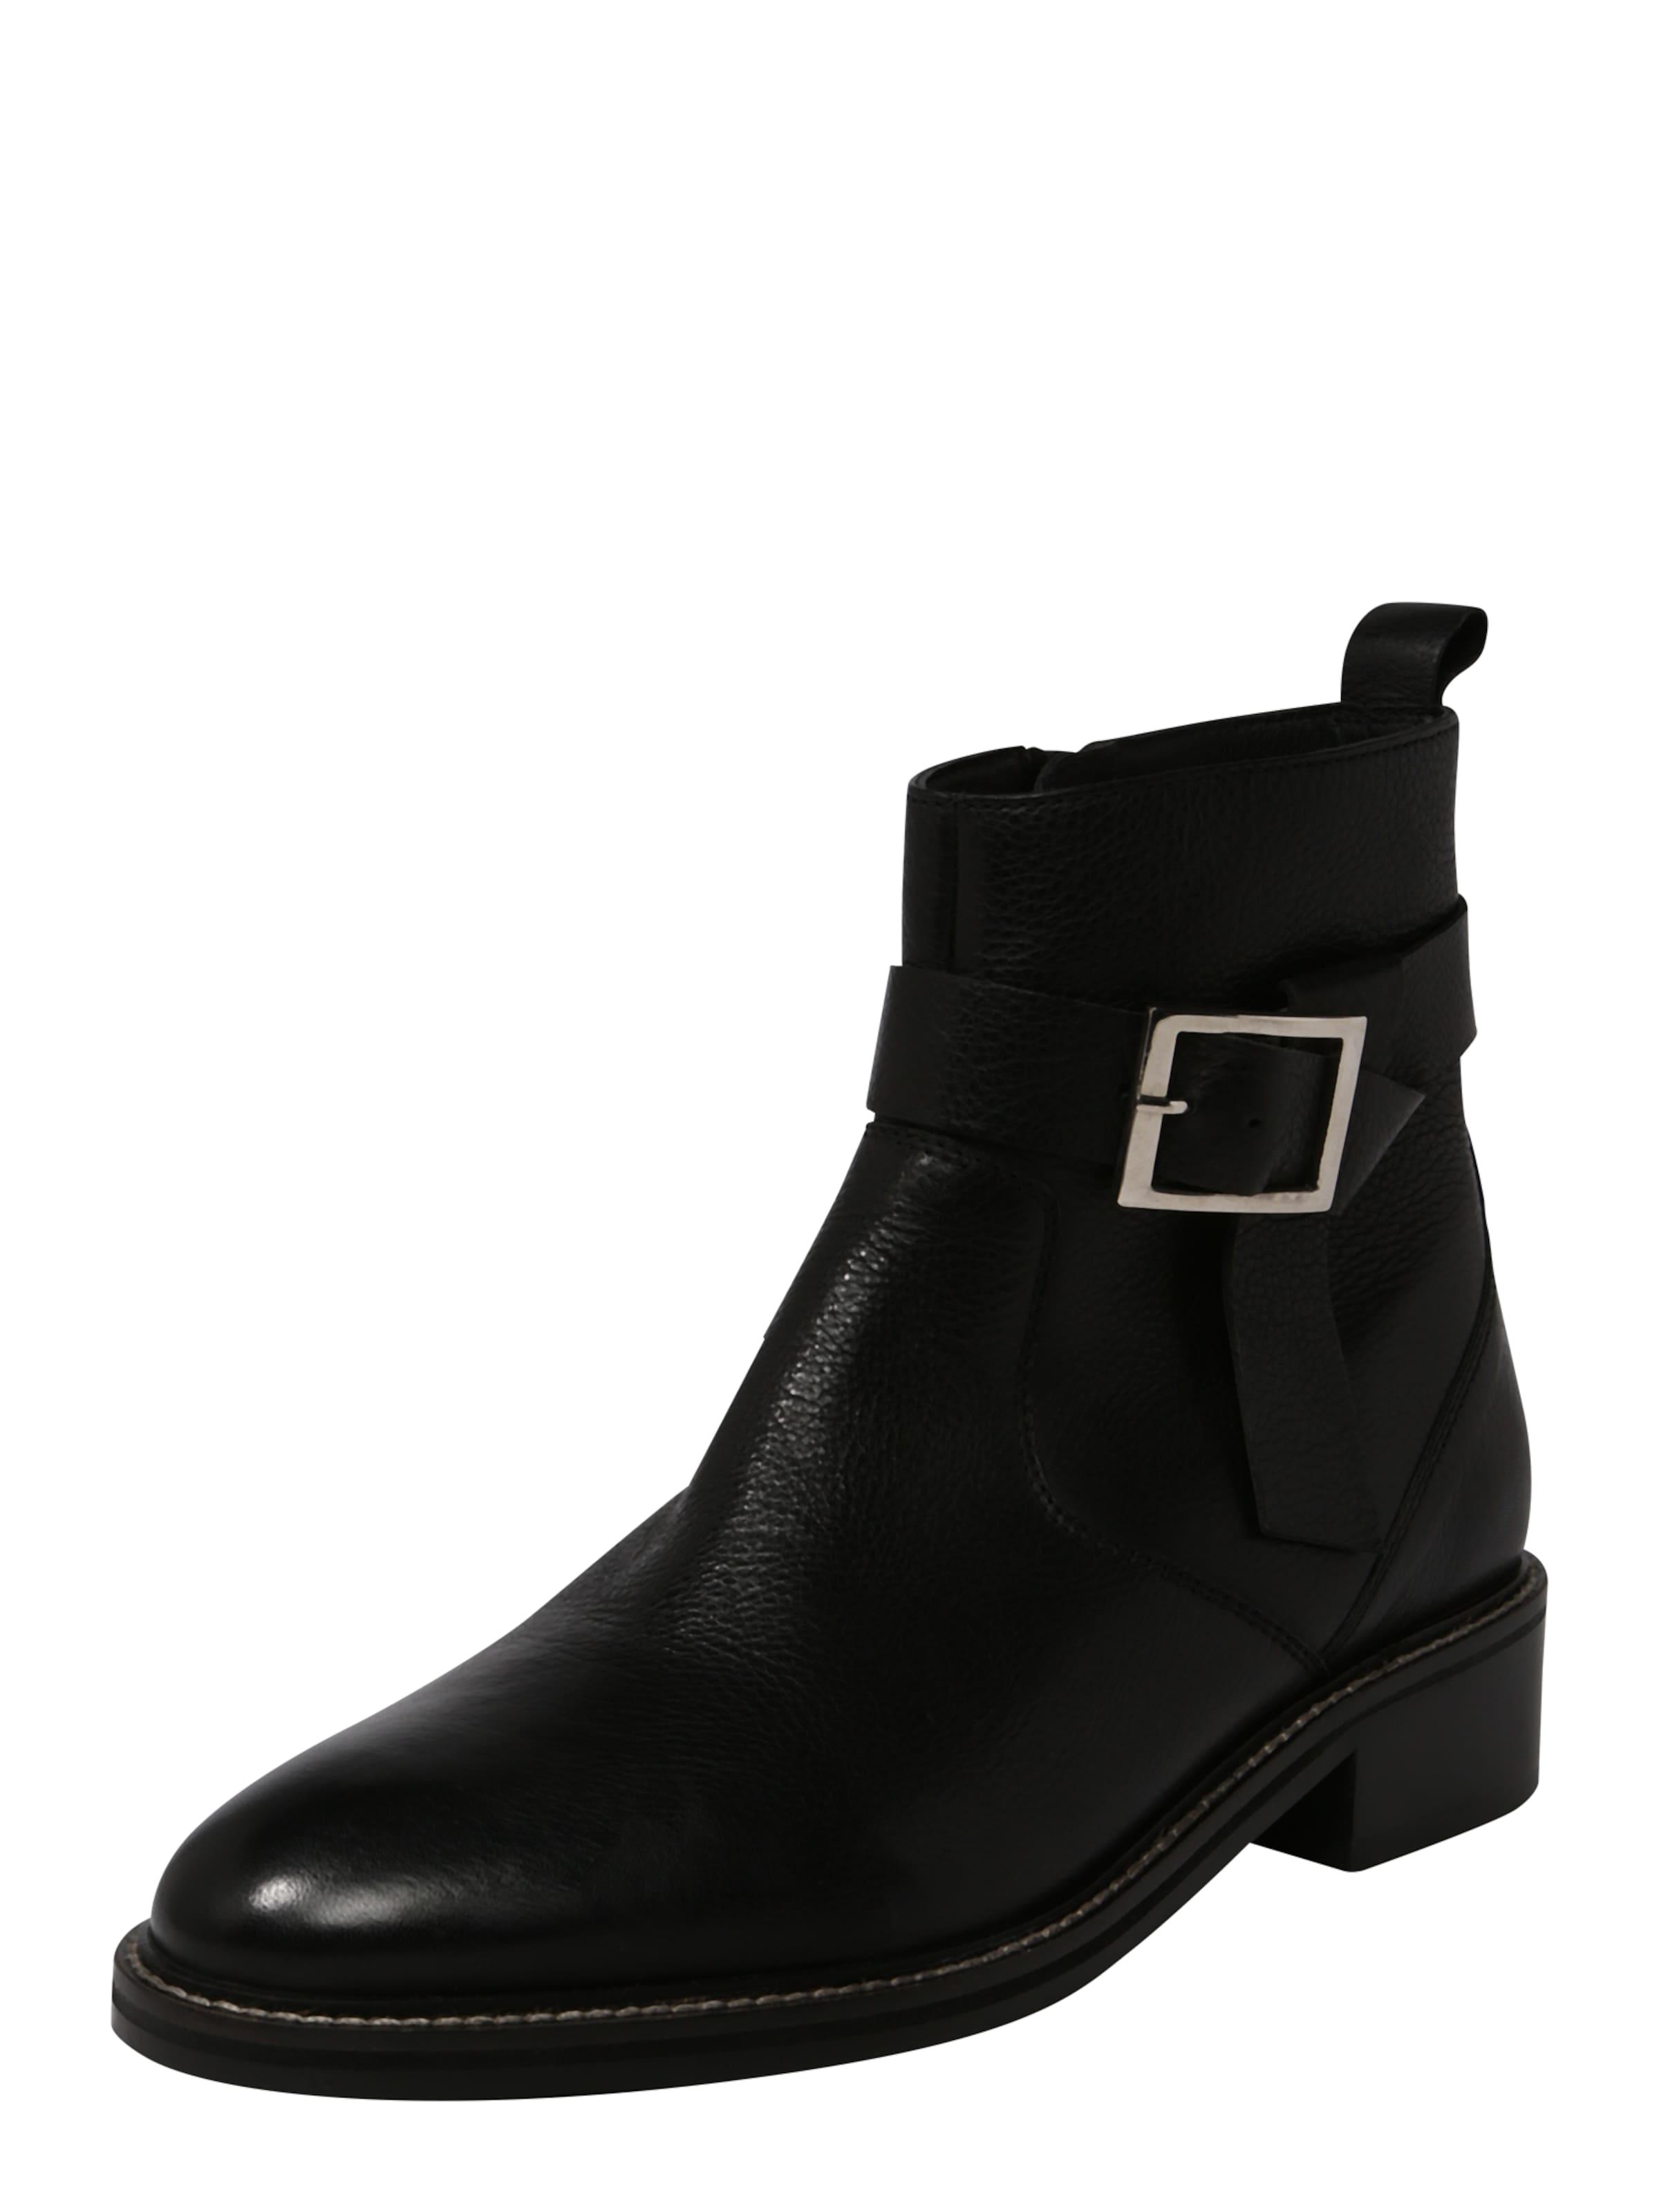 Shoe' En Noir Bottines 'tiana You About thoCQrsBdx